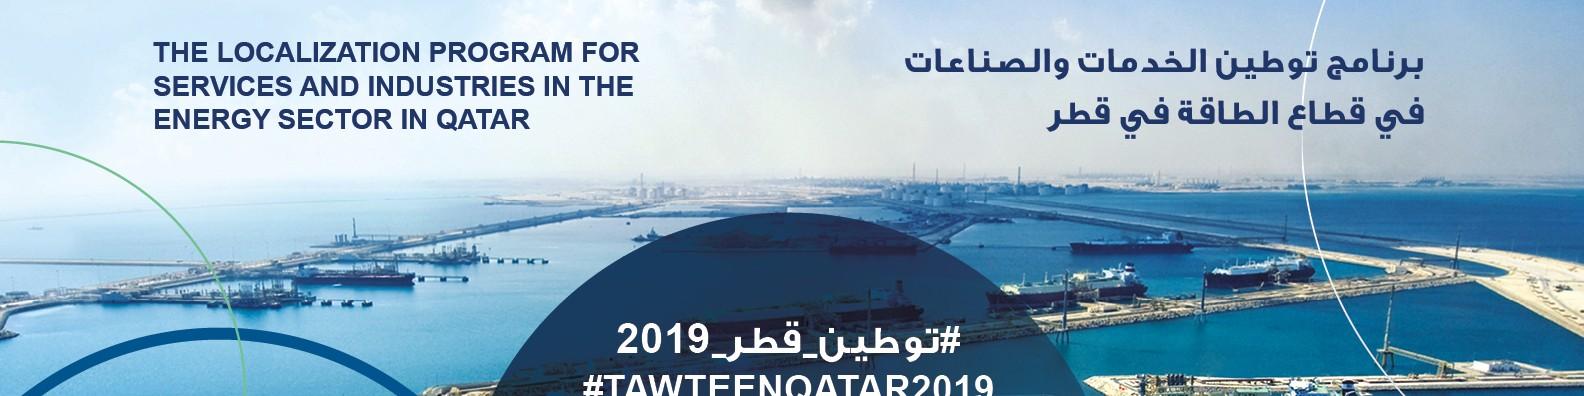 Tawteen Qatar | LinkedIn